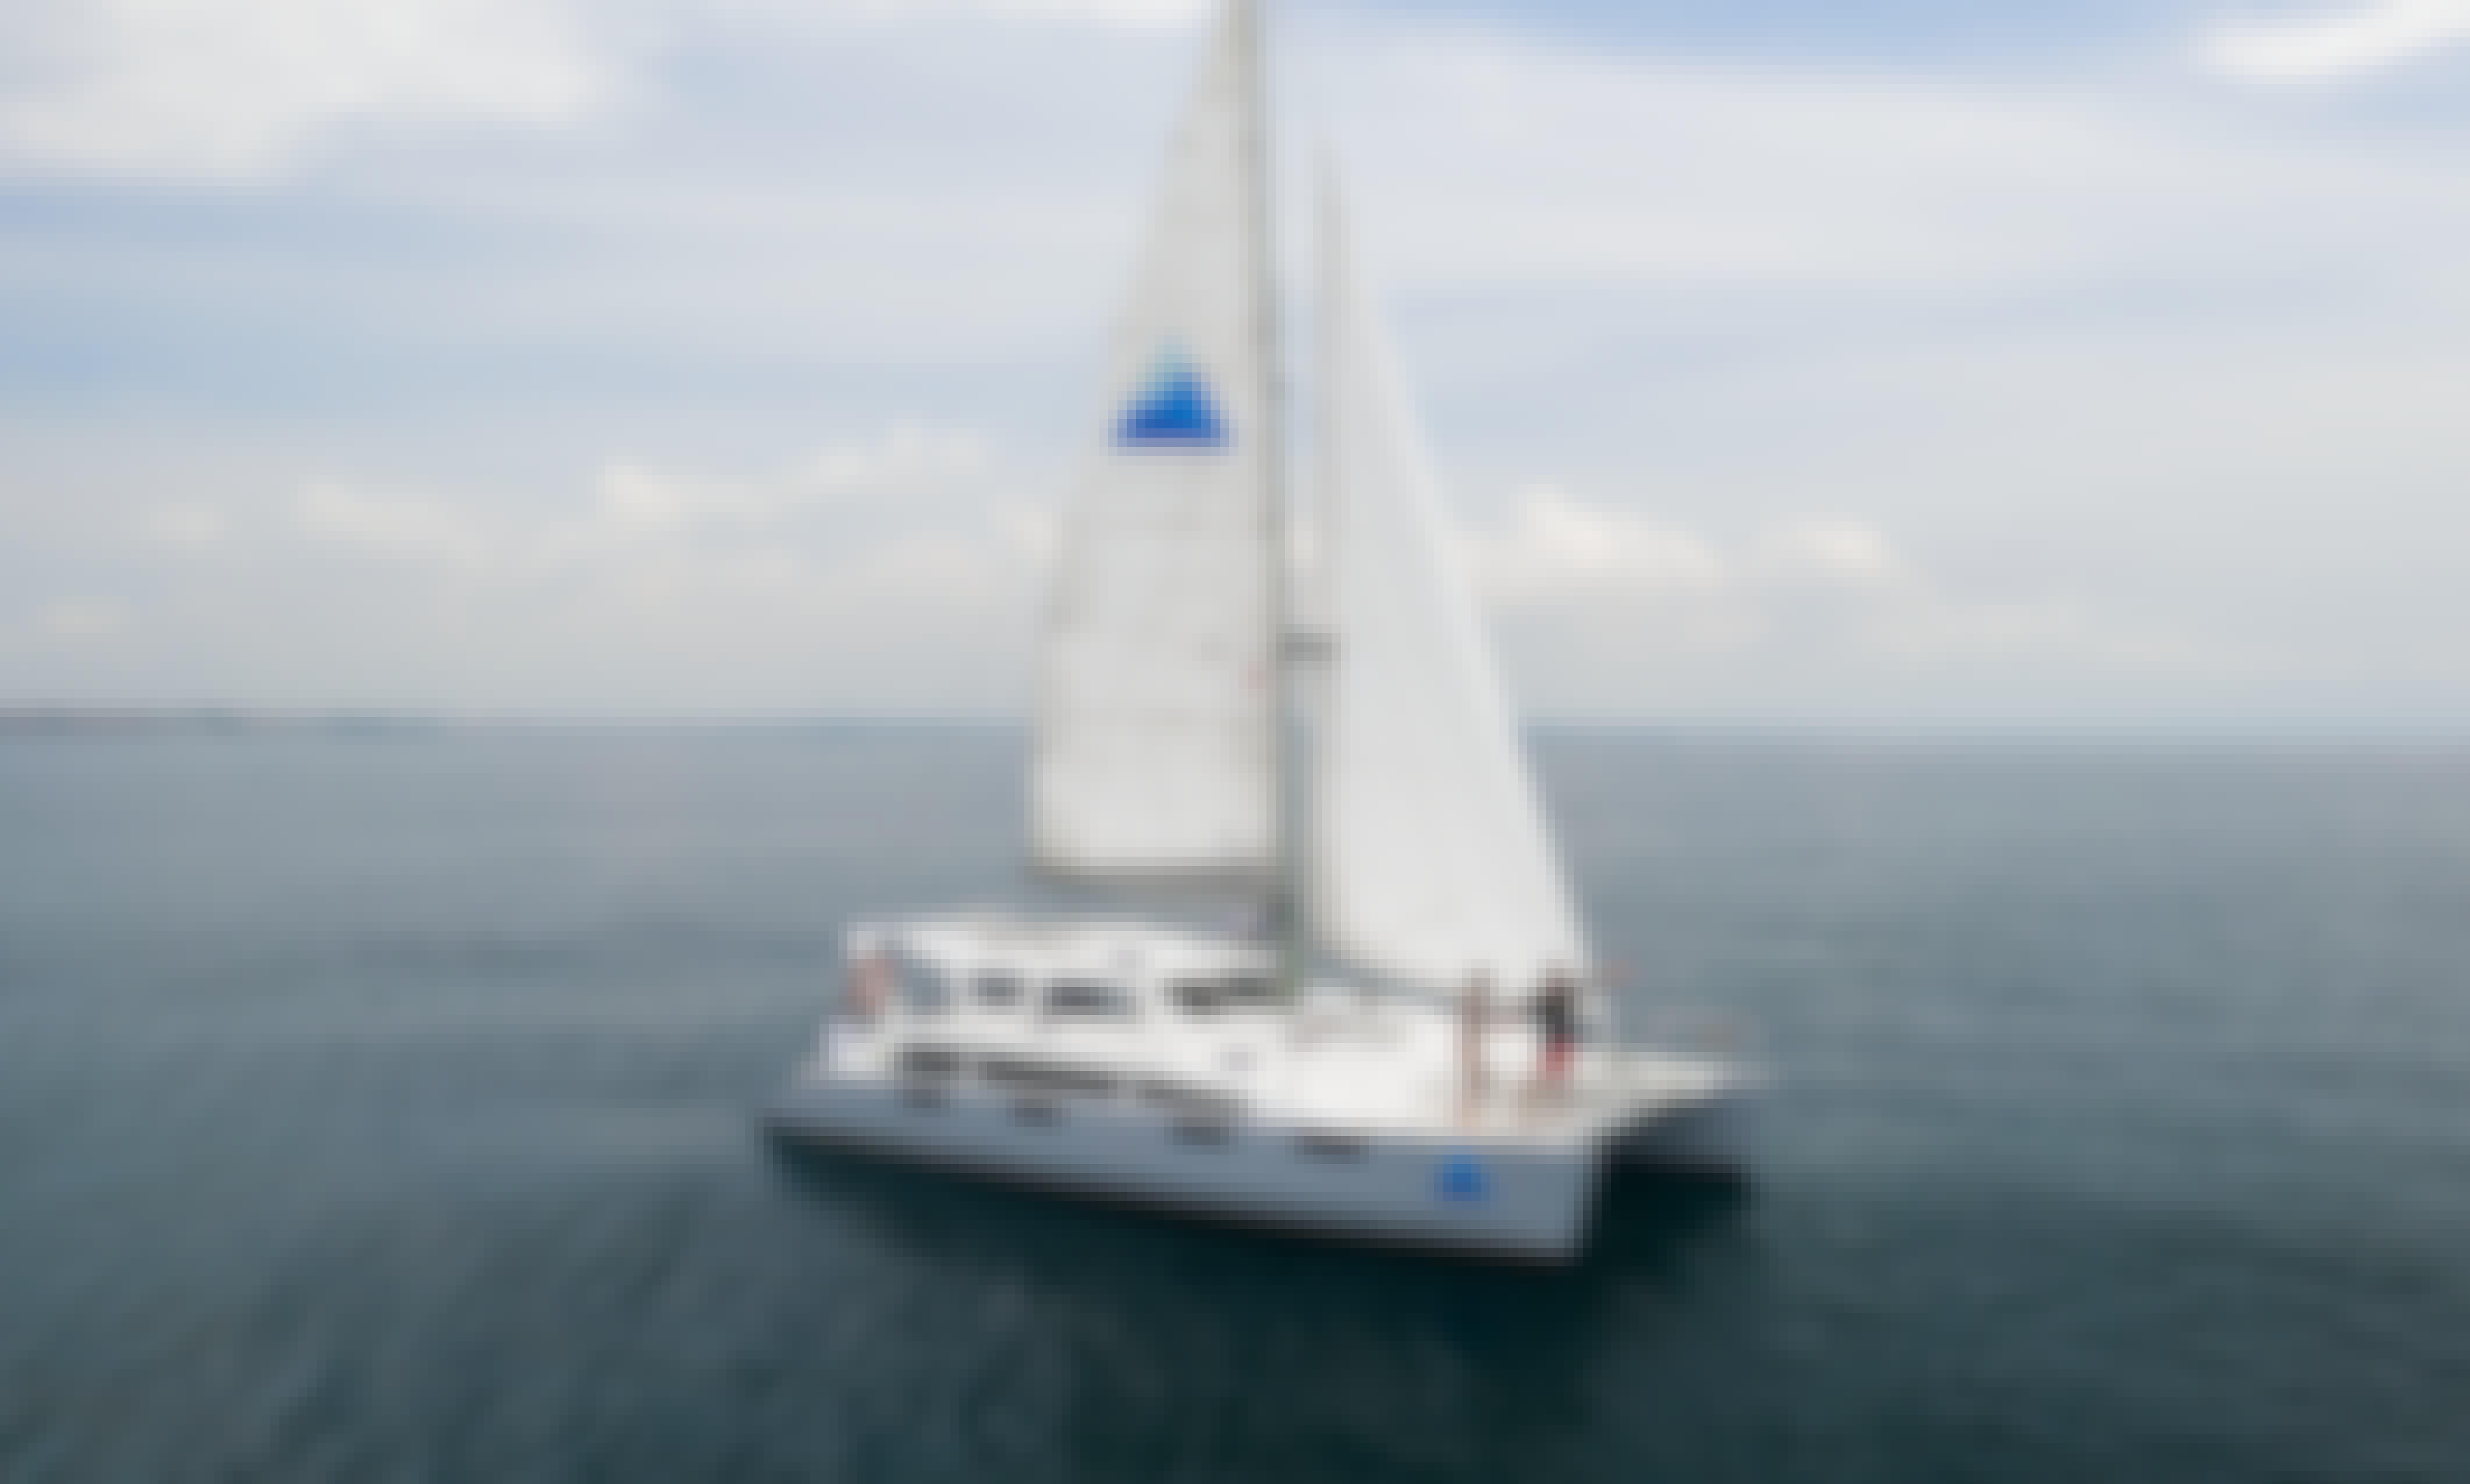 Luxury Catamaran 14 meters